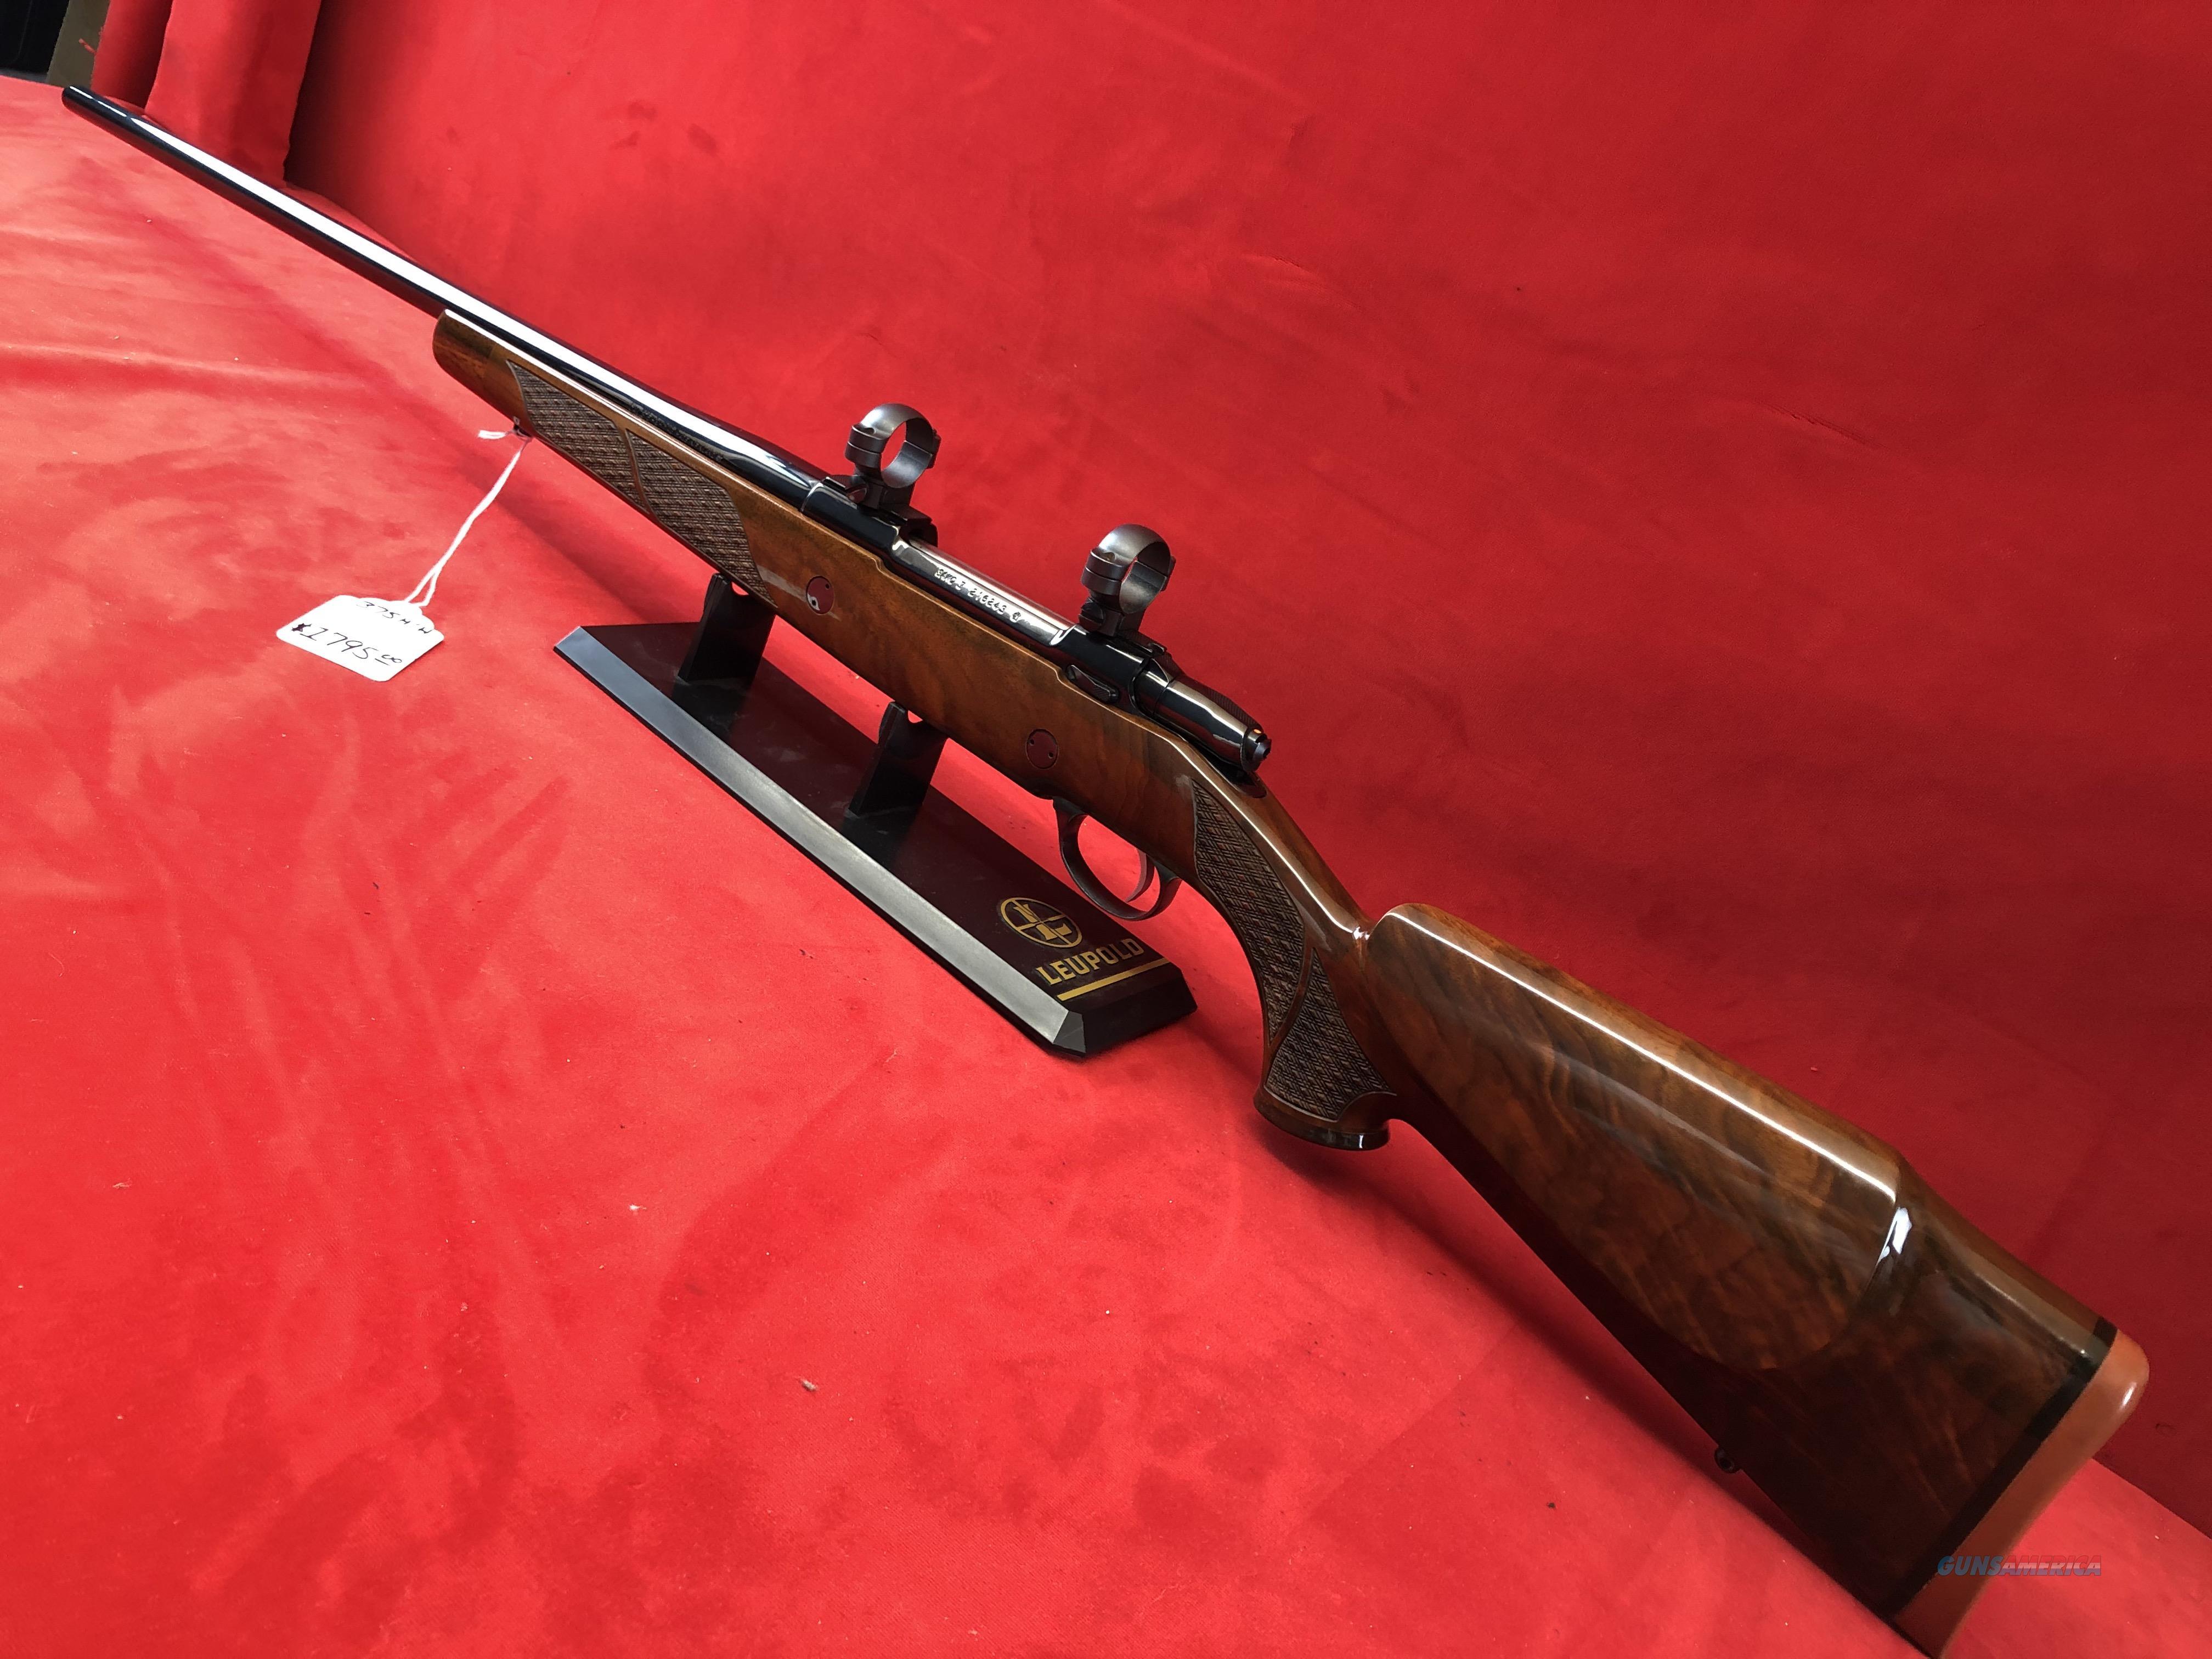 Sako V Deluxe 375 H&H  Guns > Rifles > Sako Rifles > Other Bolt Action